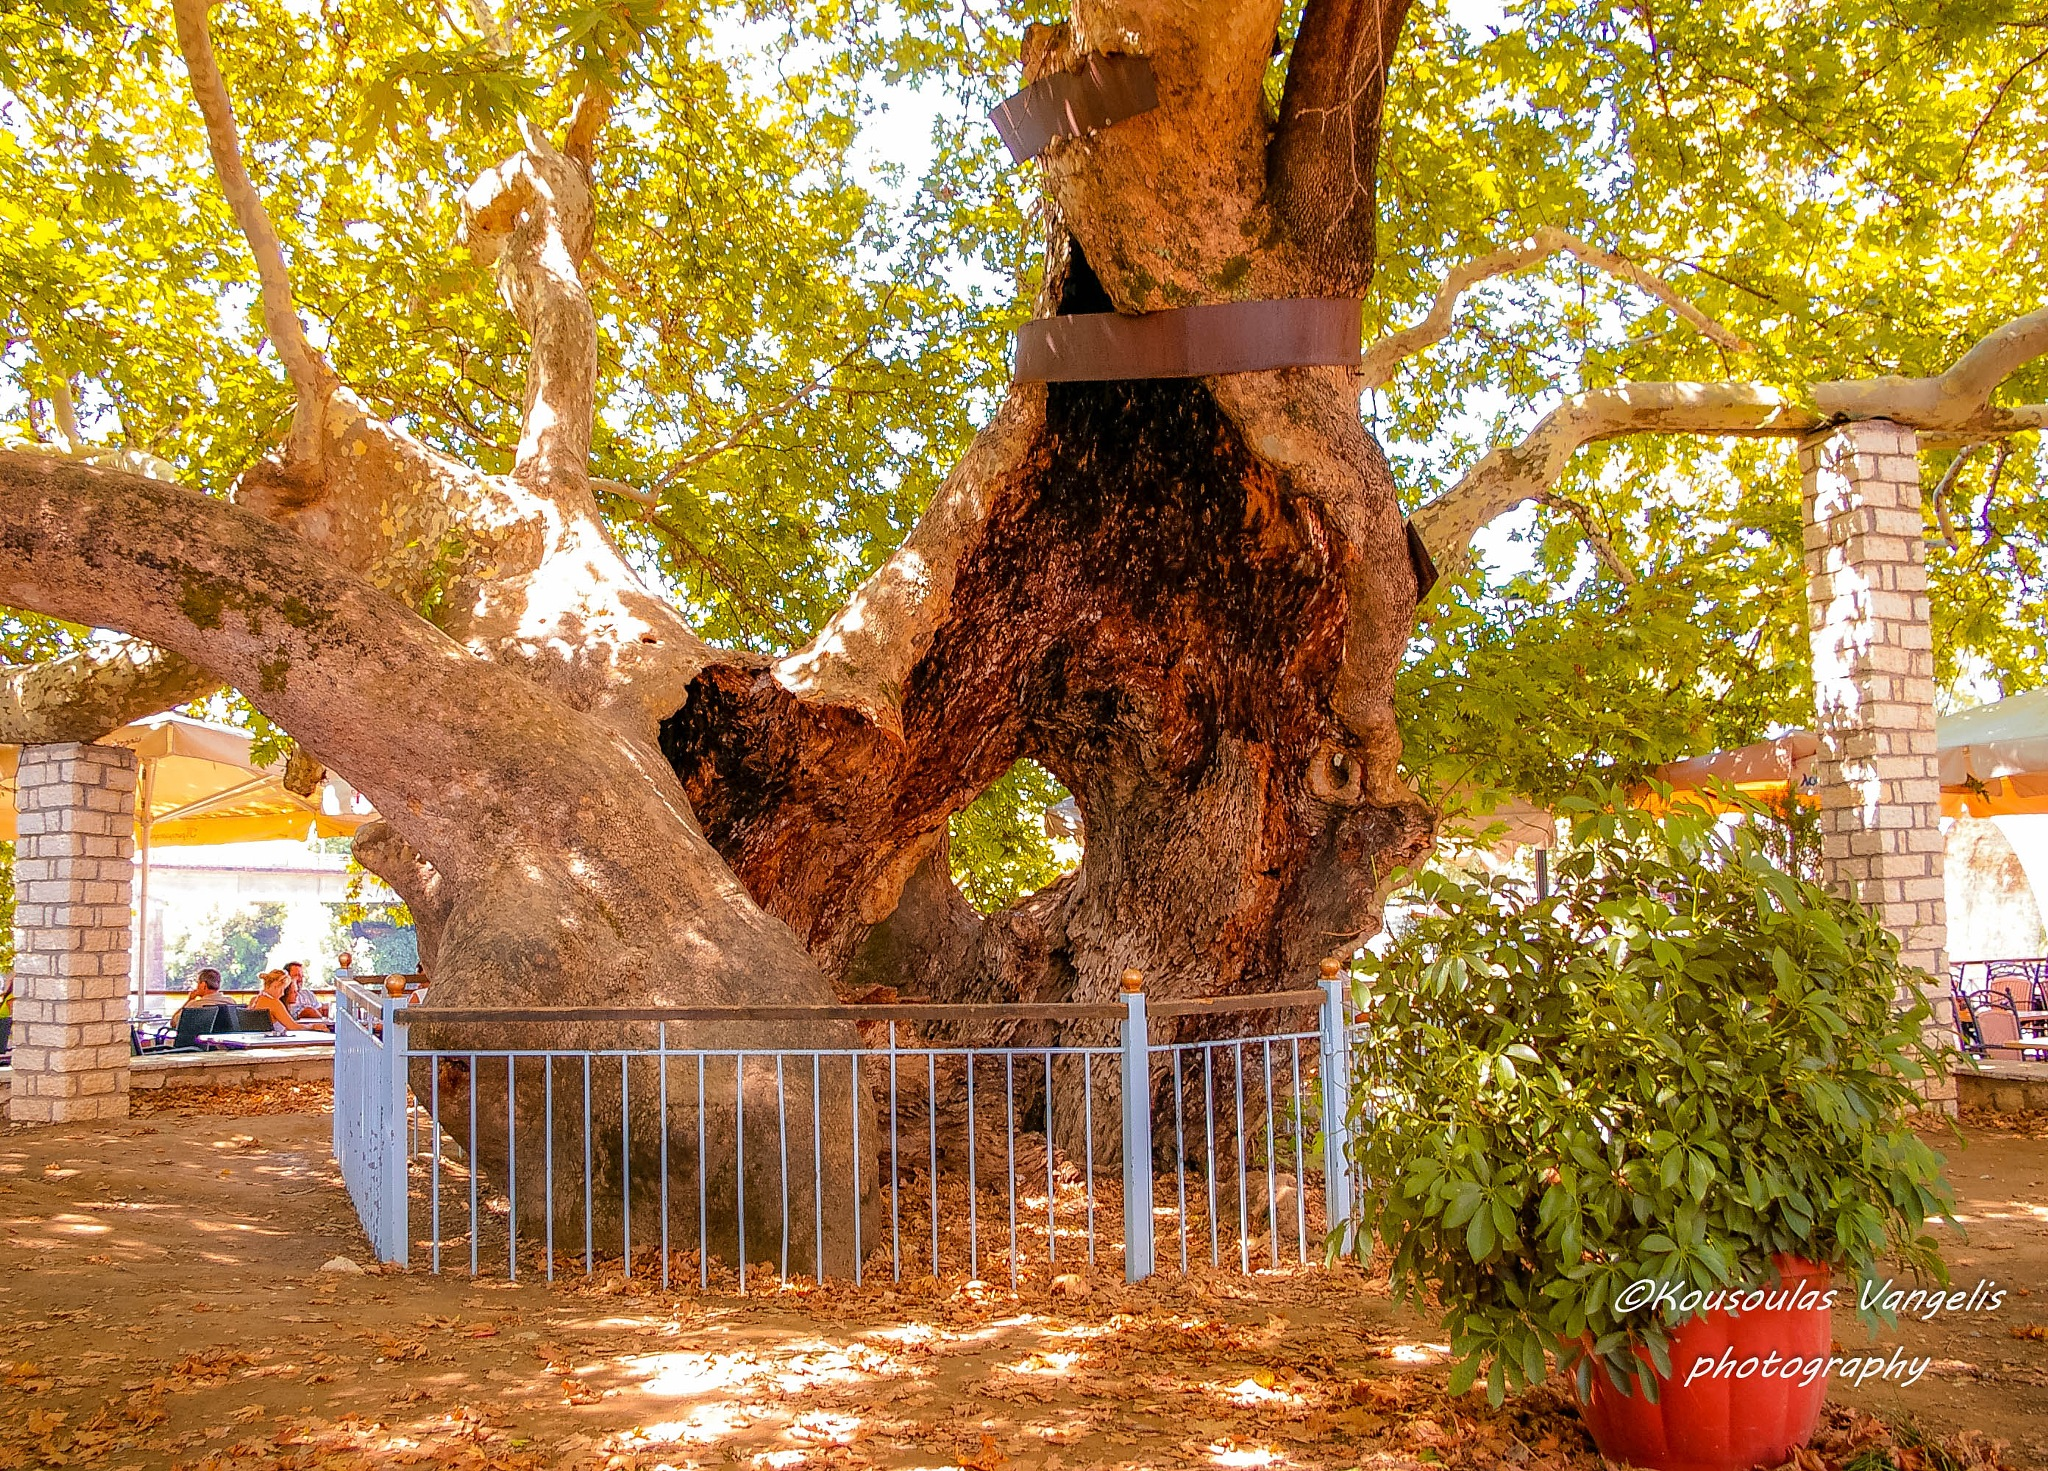 plane tree by kousoulas vangelis